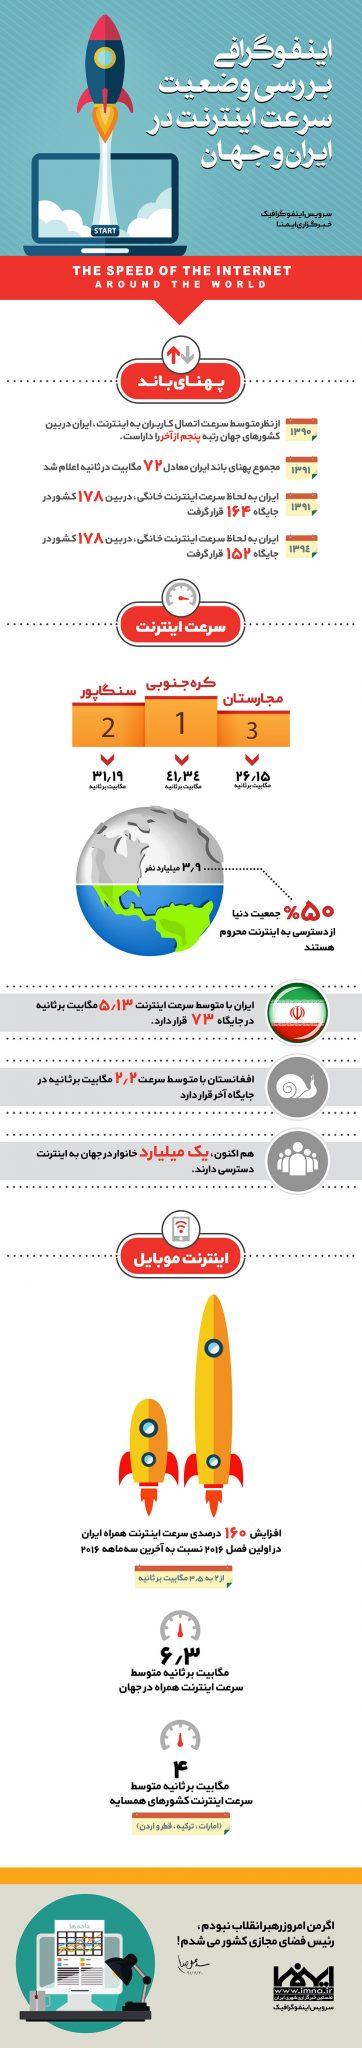 اینفوگرافیک بررسی وضعیت سرعت اینترنت در ایران و جهان